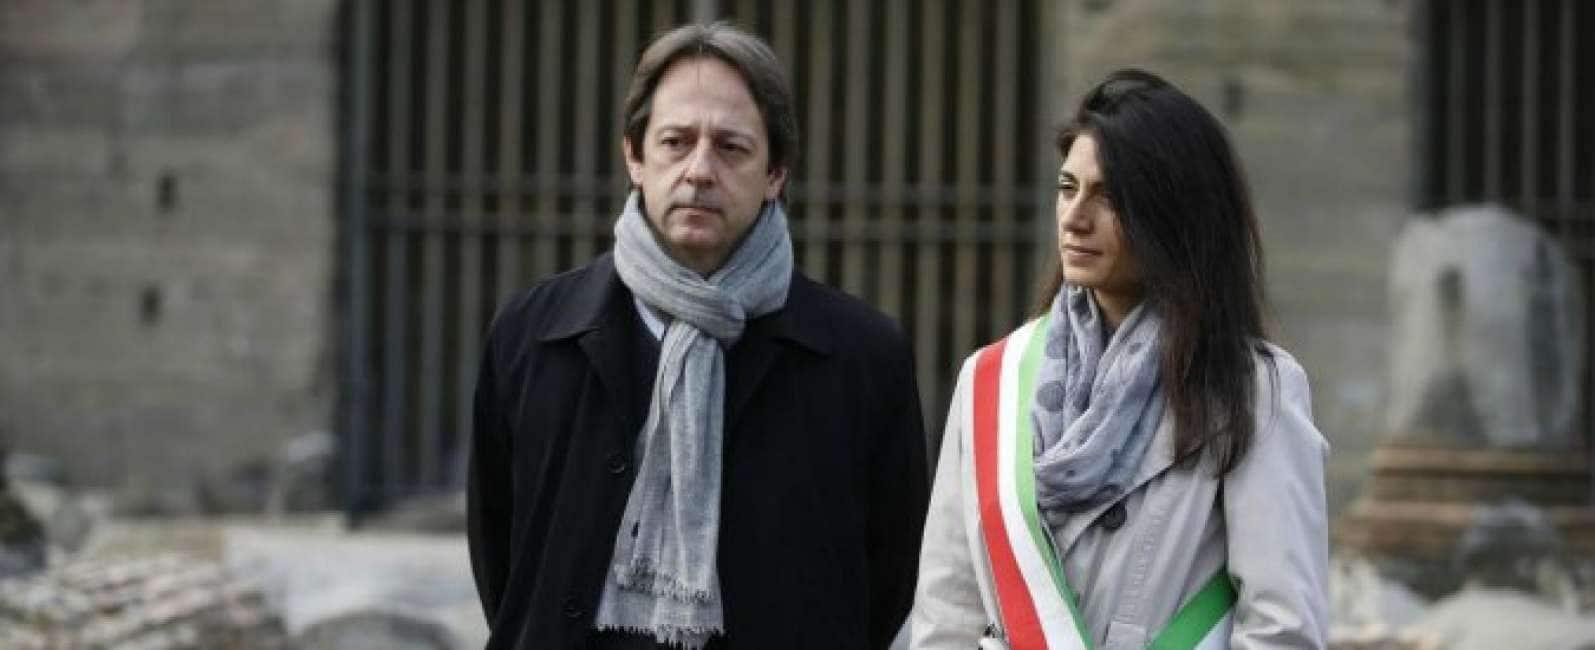 escorte bergamo italiana tradisce marito